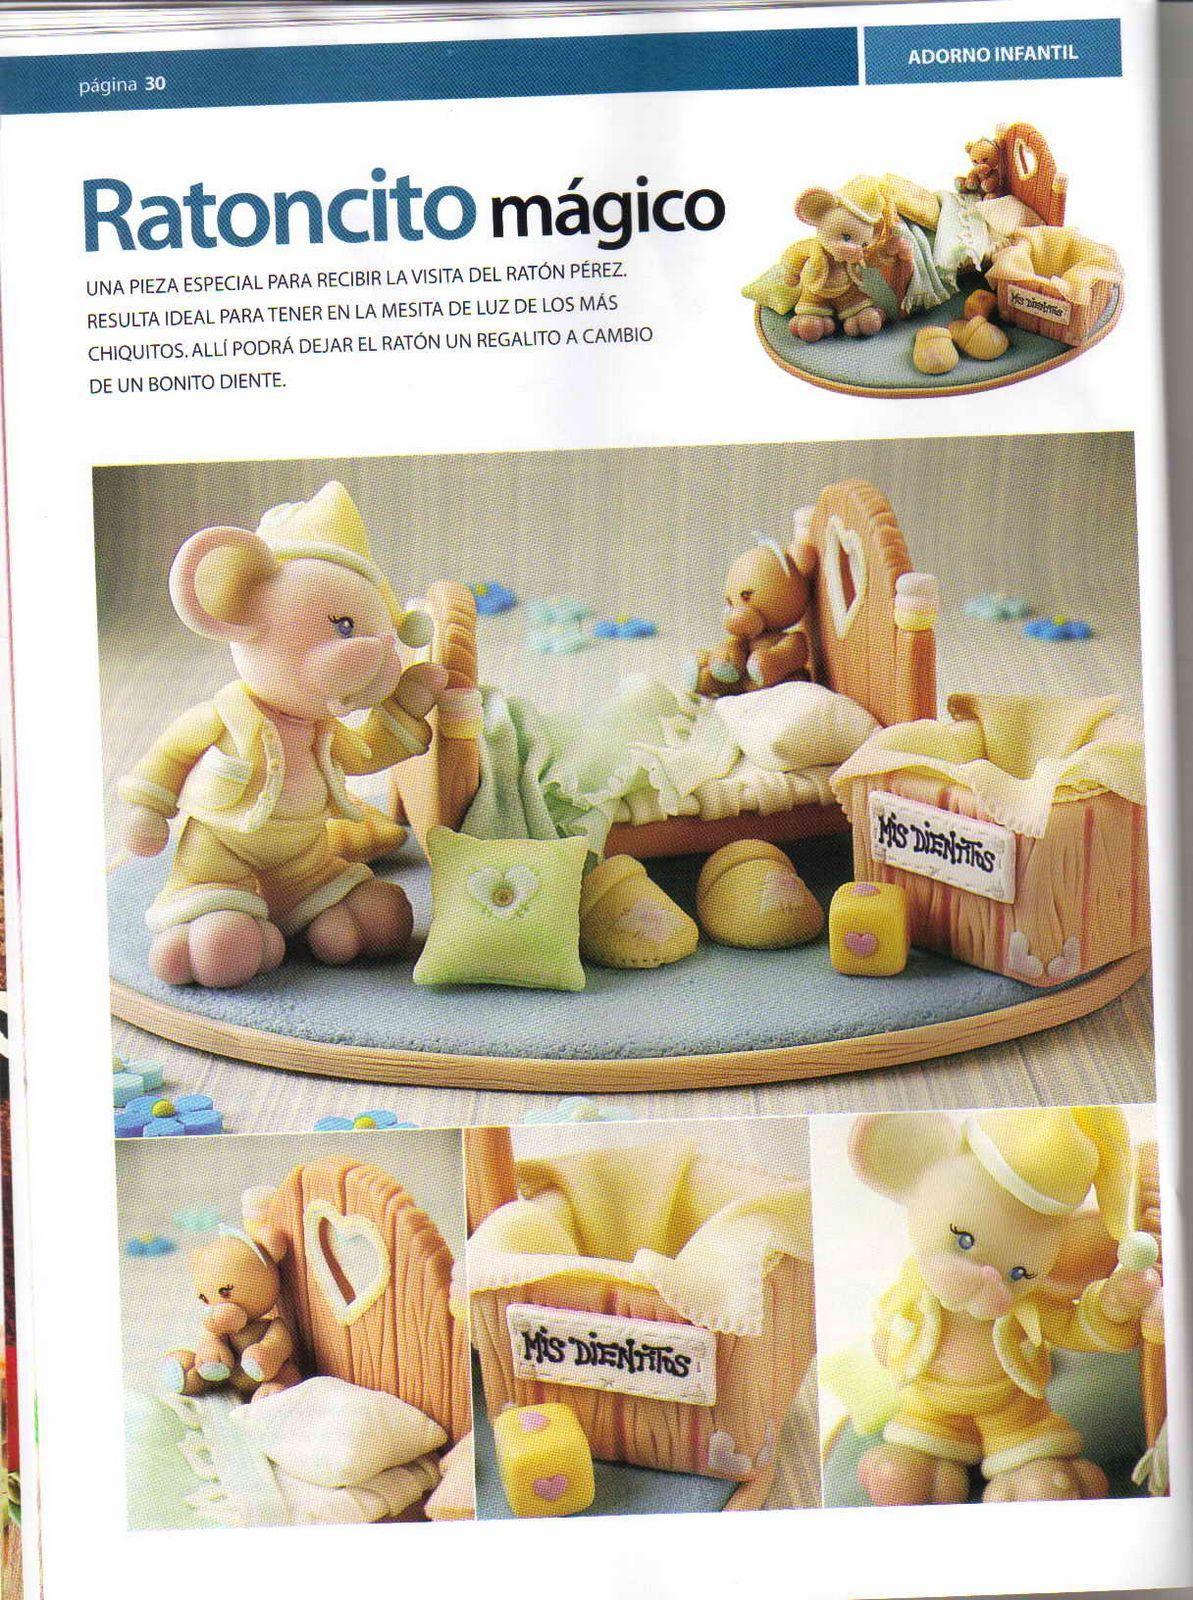 Raton perez | Leticia | Pinterest